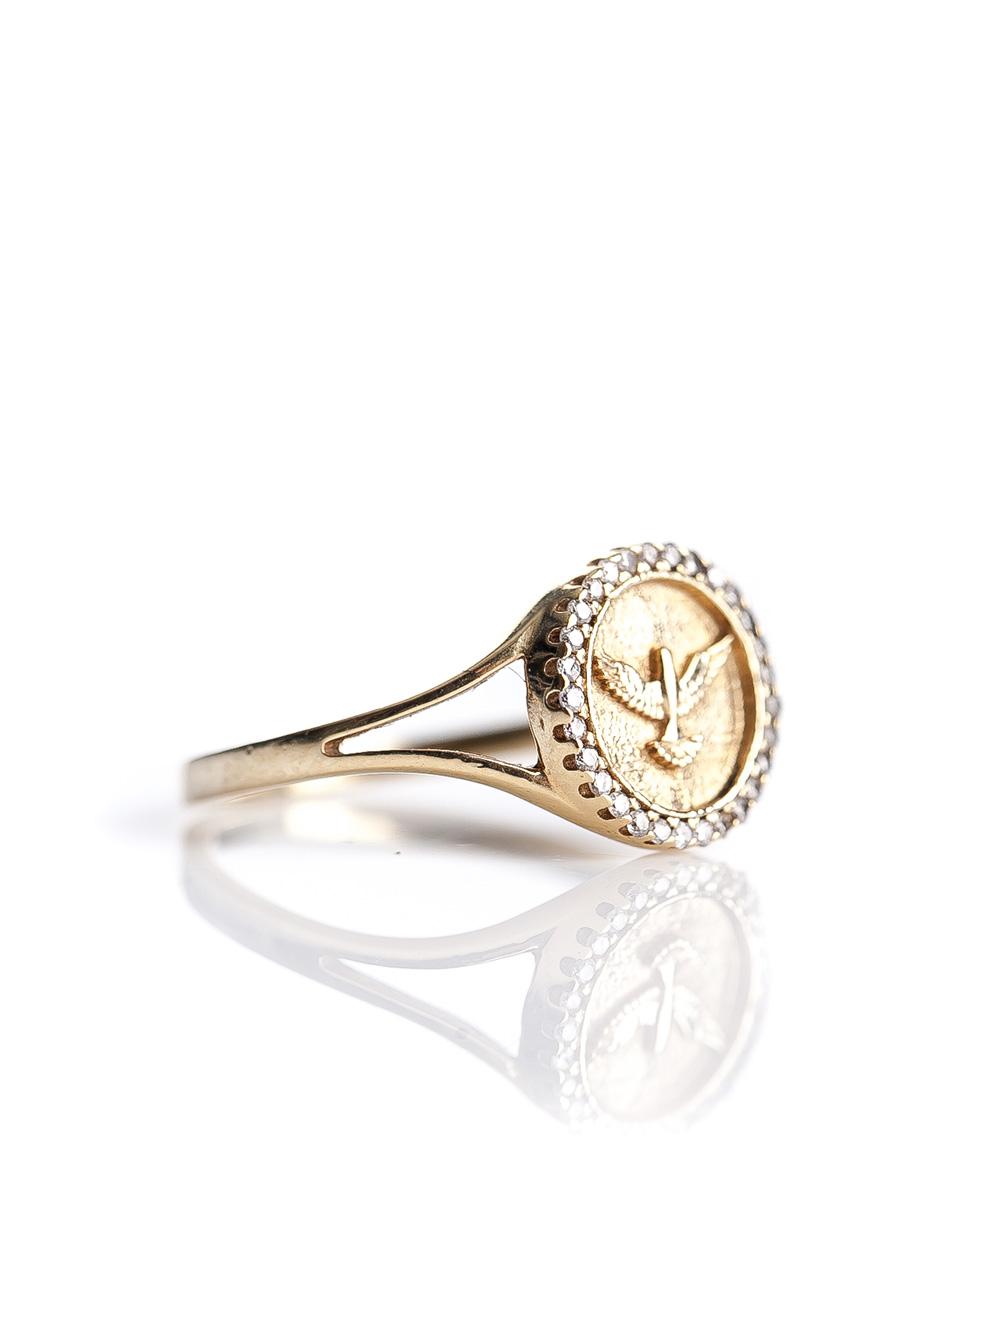 Anel espirito santo, confeccionado em ouro amarelo 18k com 15 pontos de diamantes